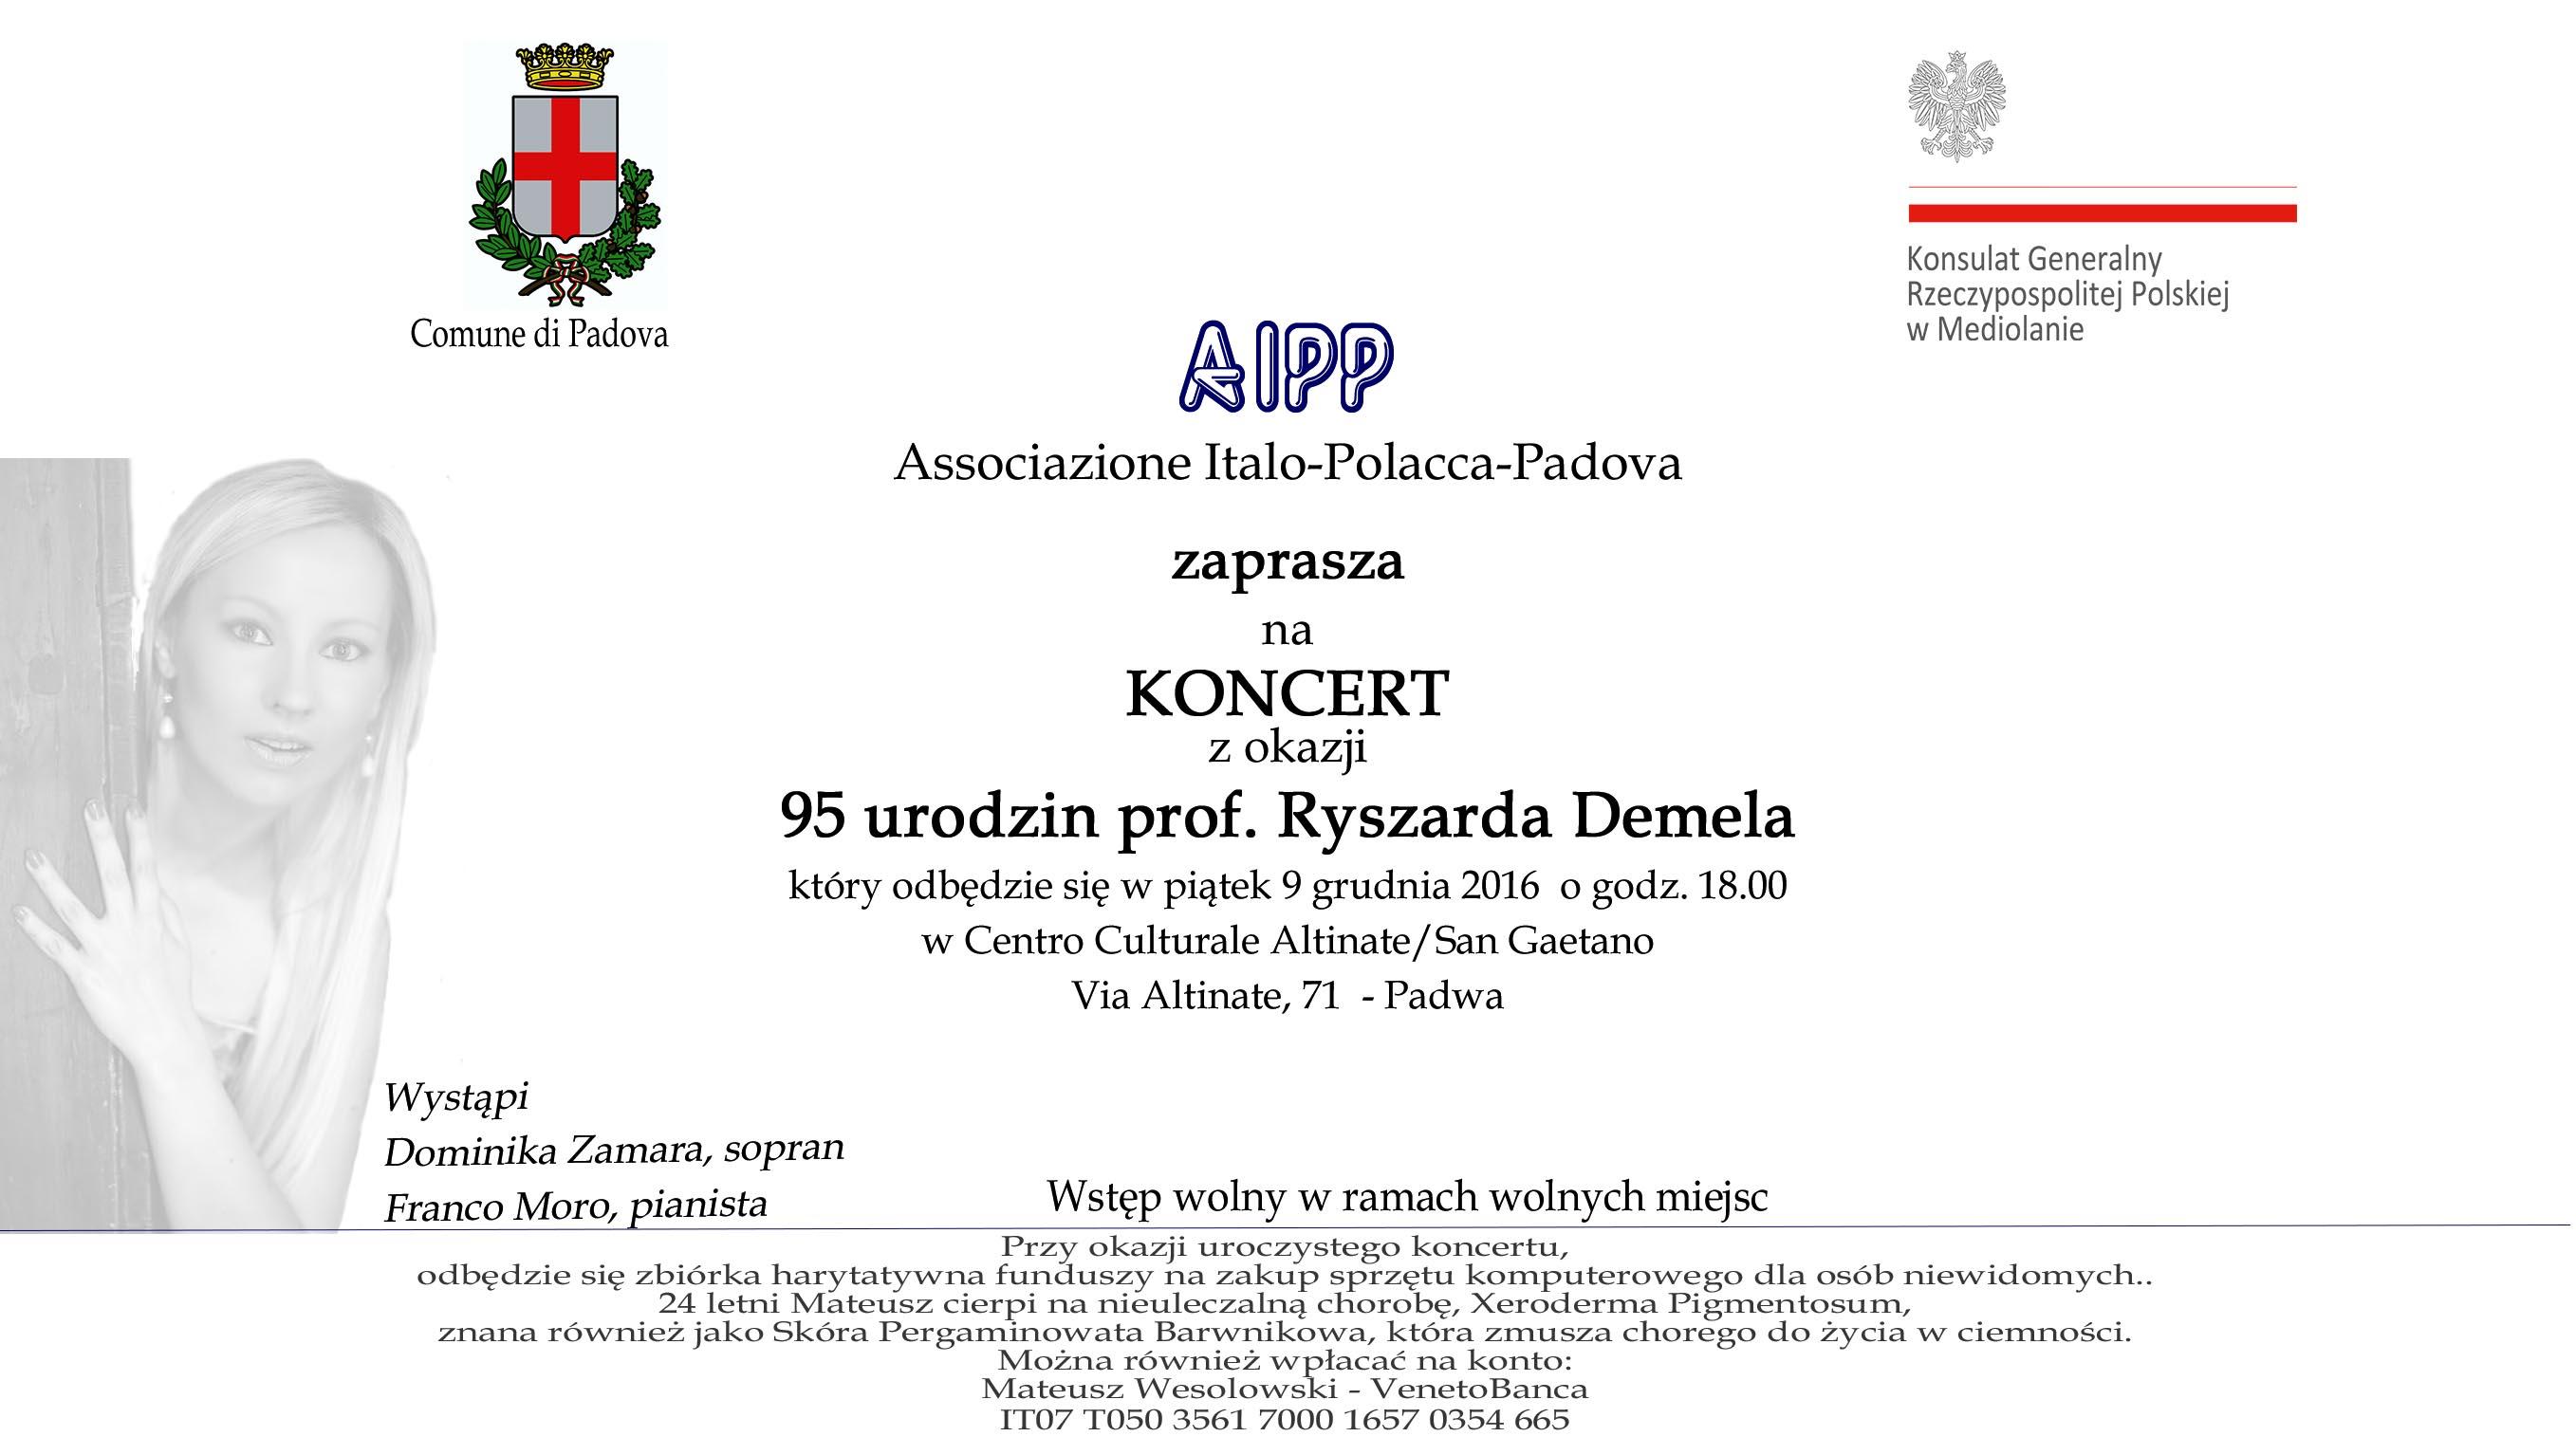 bozza INVITO 21X11.indd